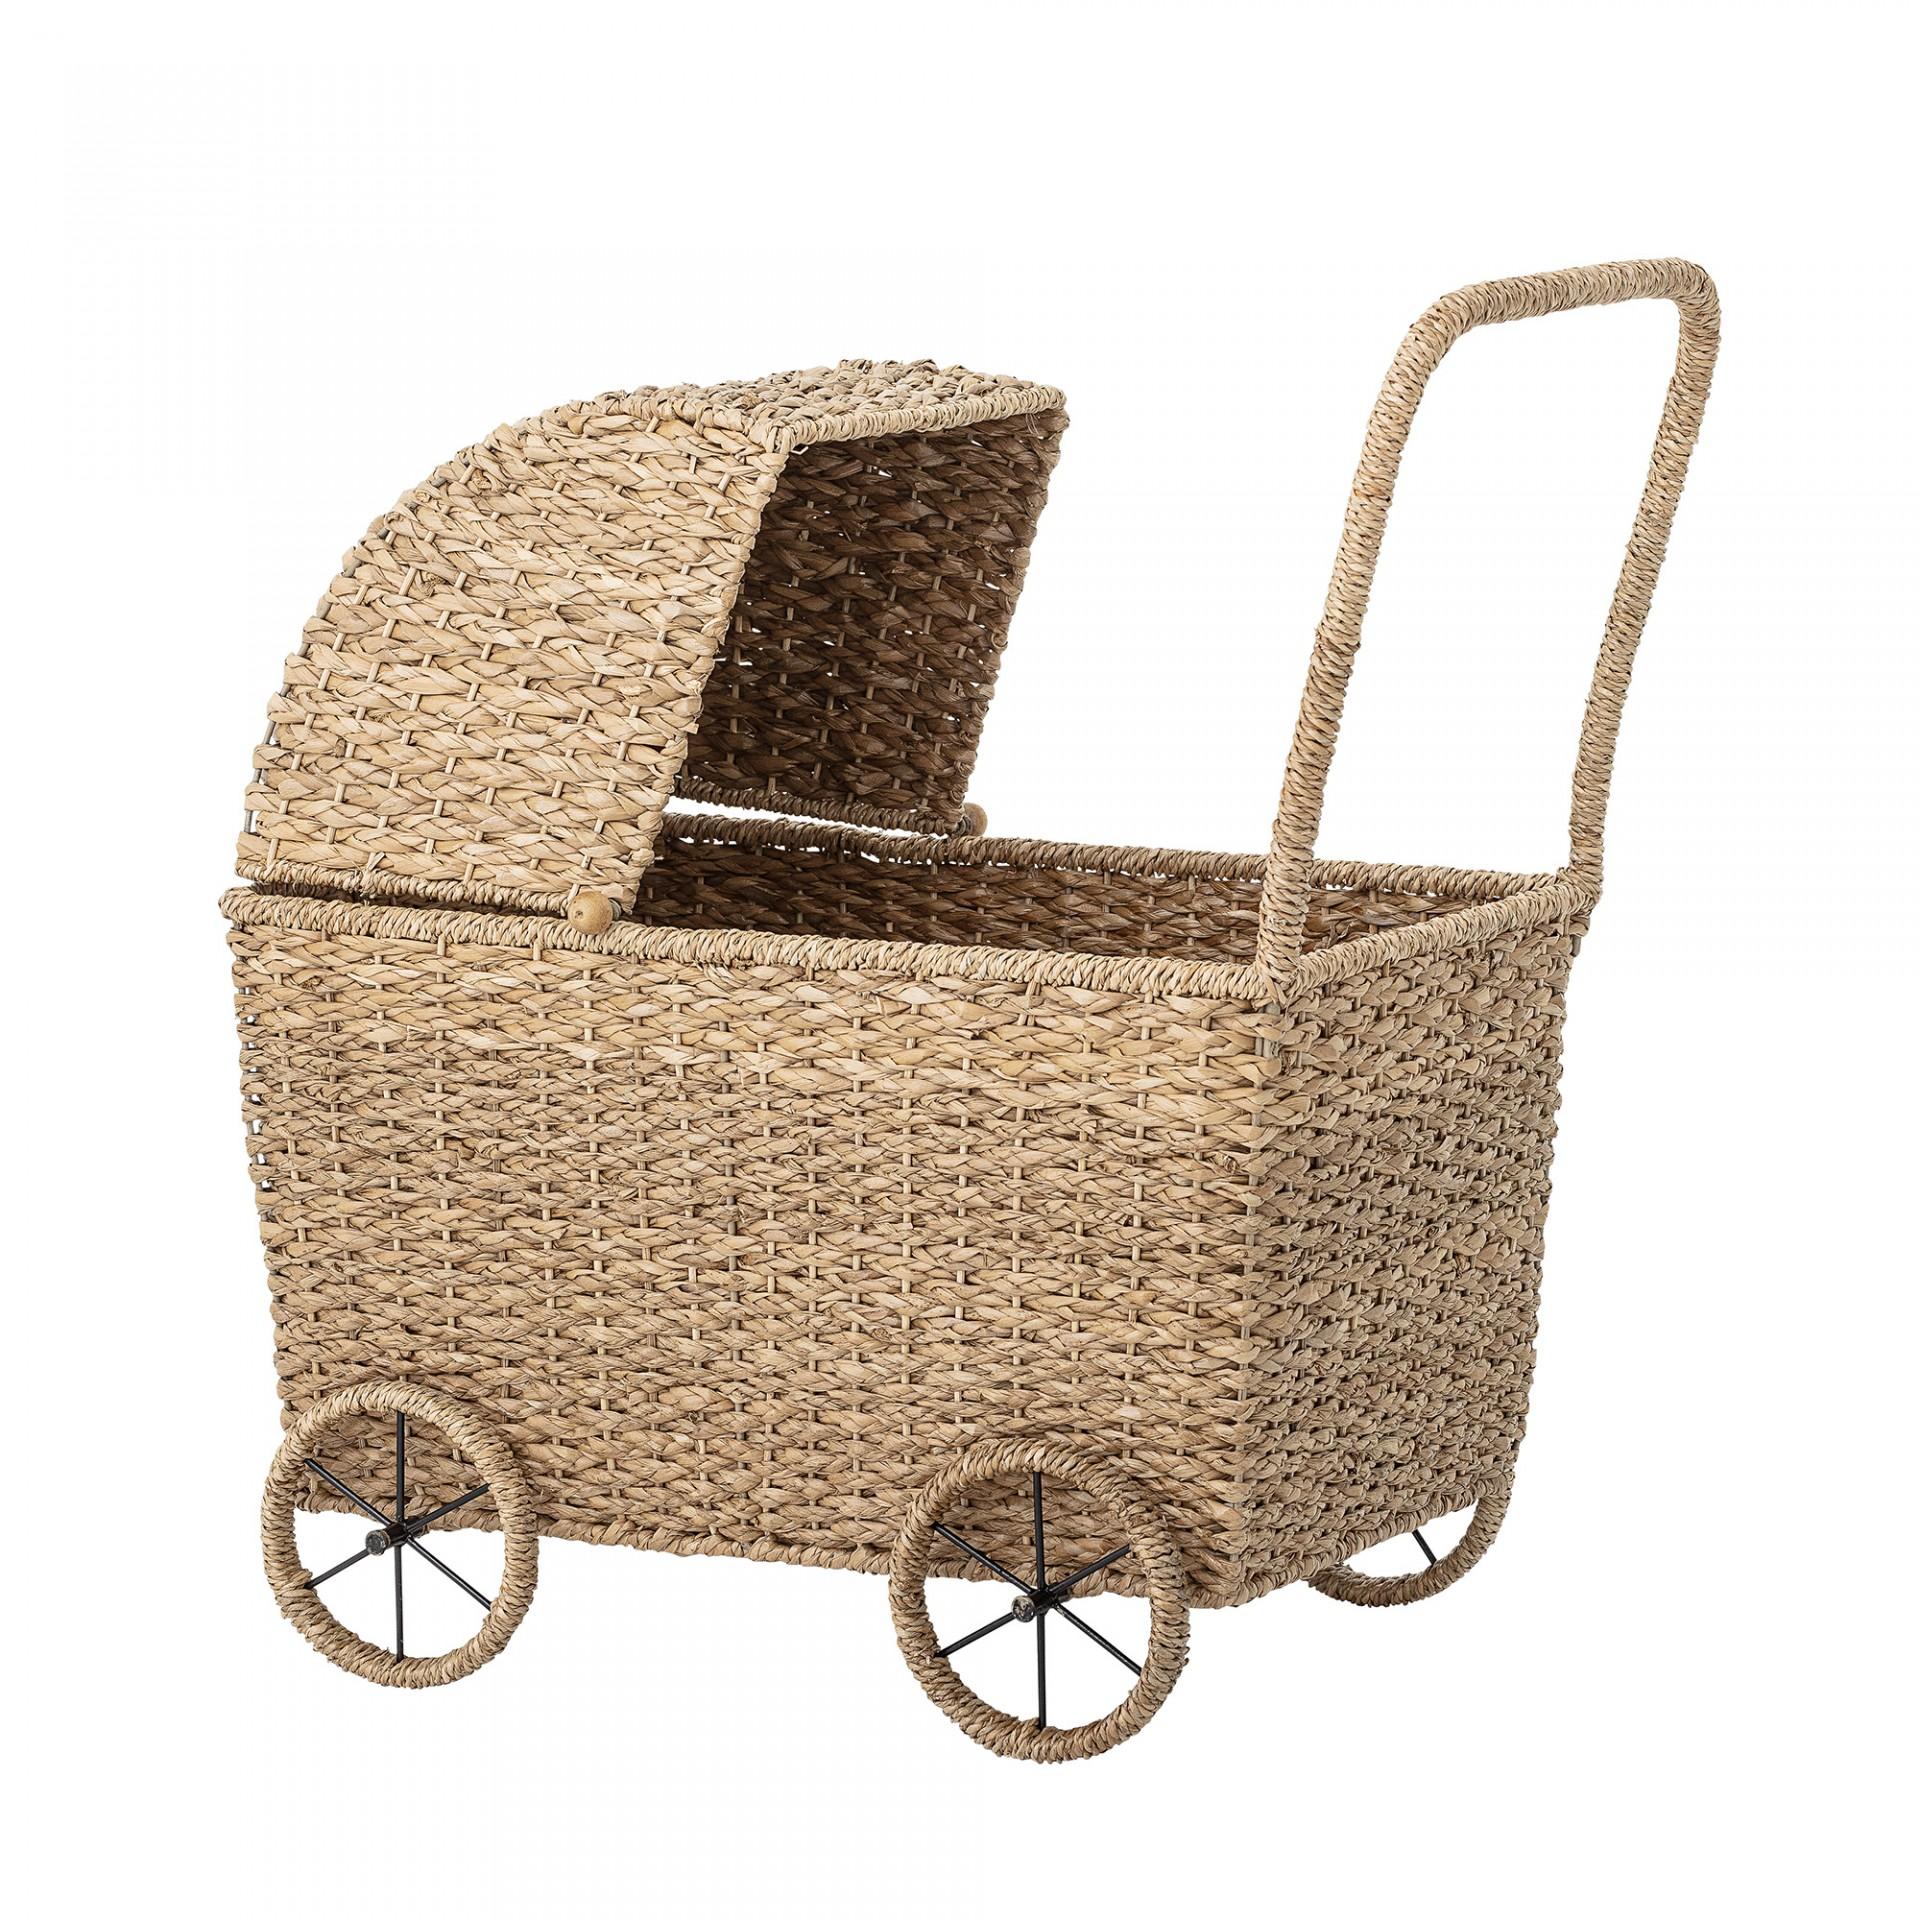 Mini carrinho de bonecas, vime natural